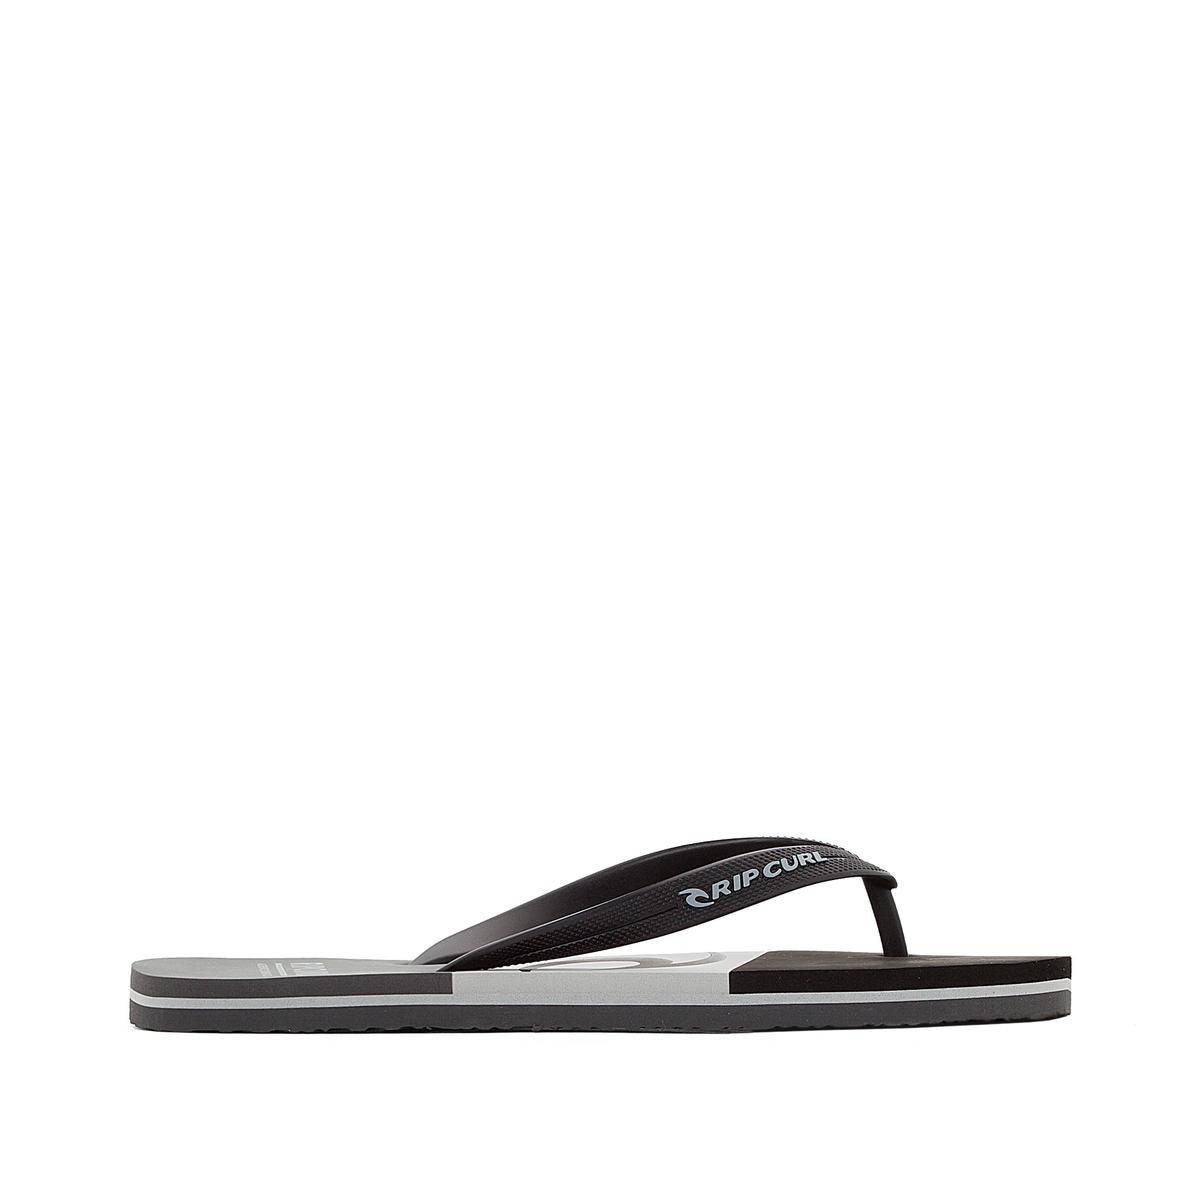 Вьетнамки Slide OutВерх : синтетика   Стелька : синтетика   Подошва : каучук   Форма каблука : плоский каблук   Мысок : открытый мысок   Застежка : без застежки<br><br>Цвет: черный/серый